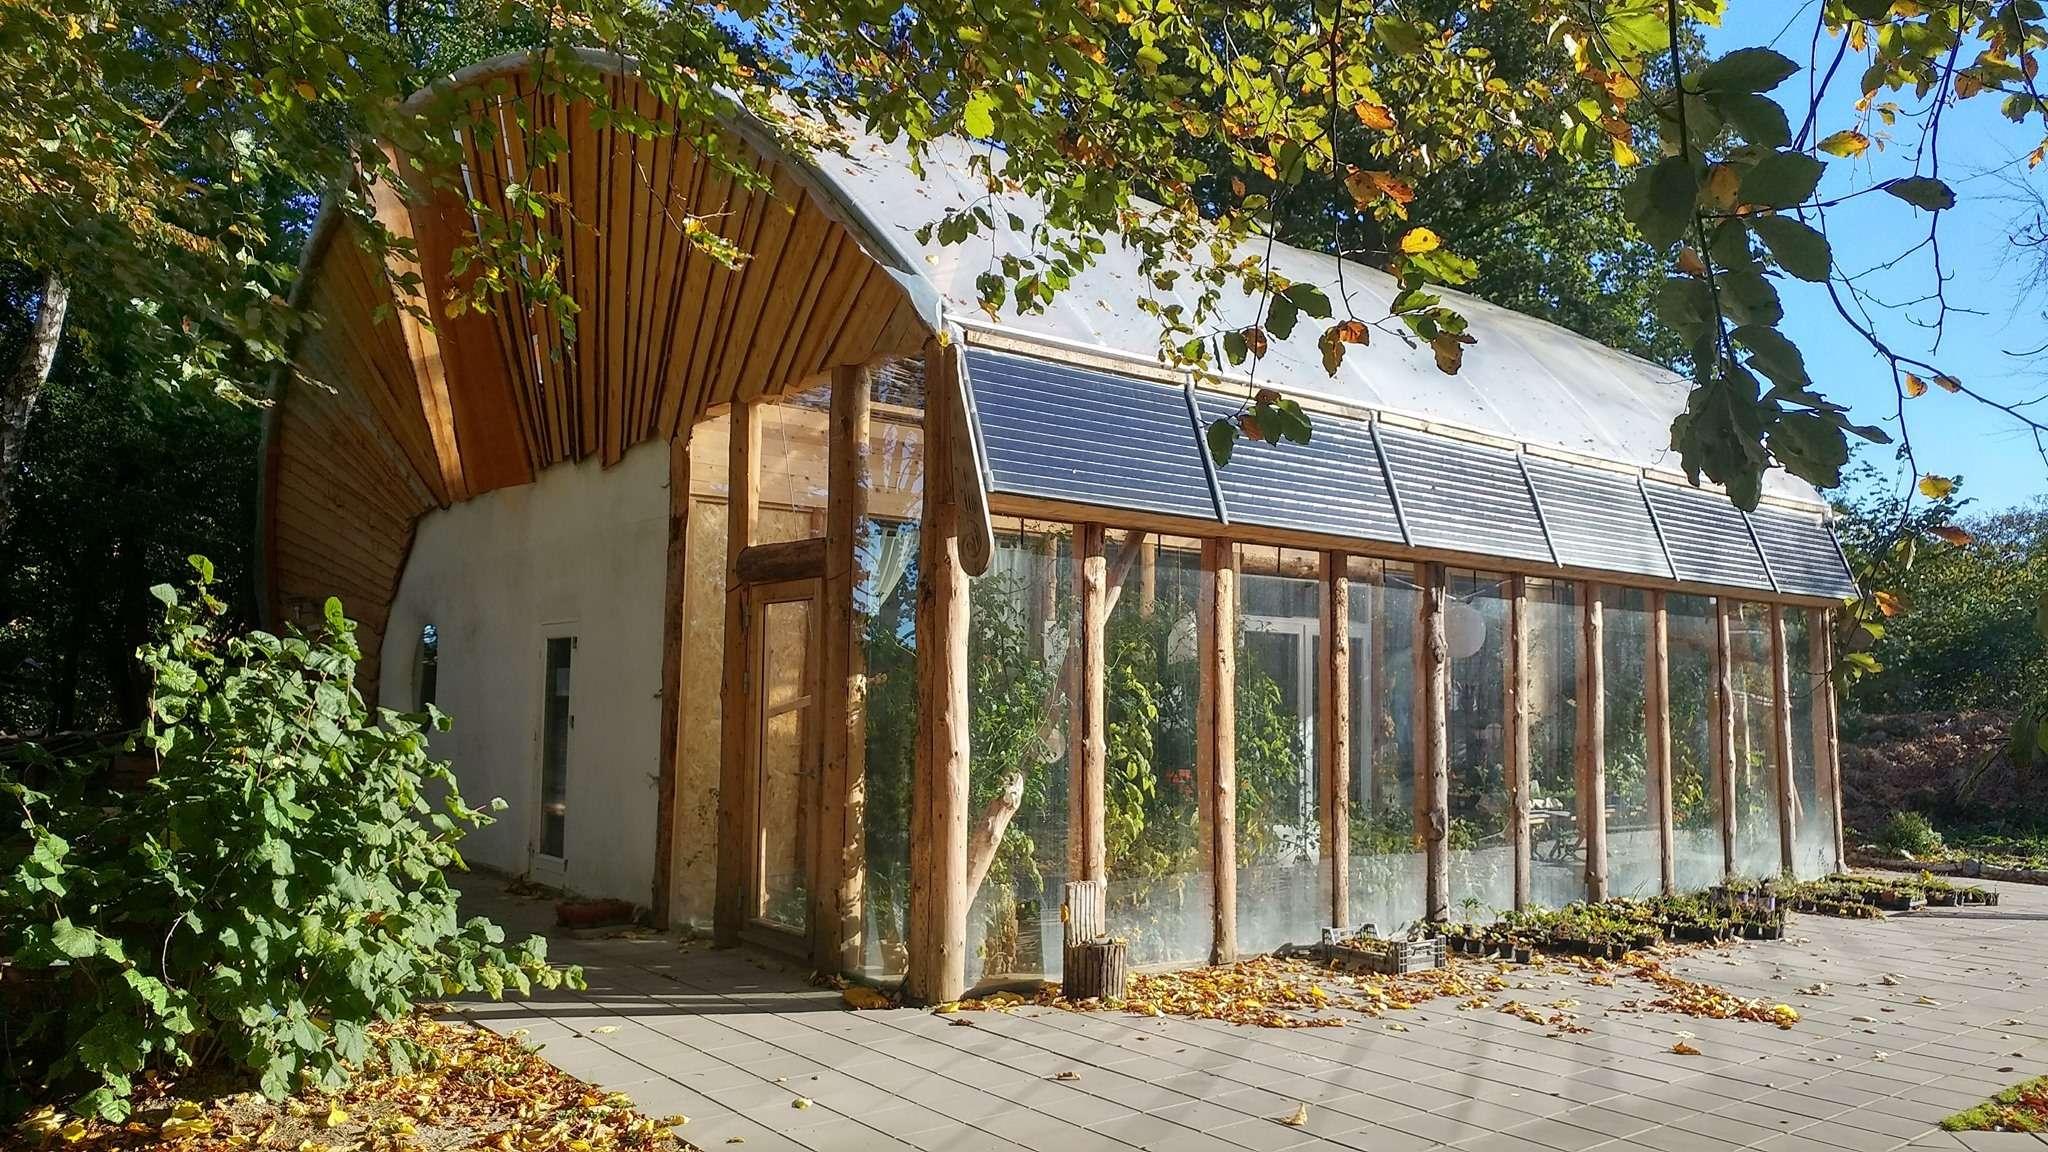 Bæredygtighed i lokalsamfundet